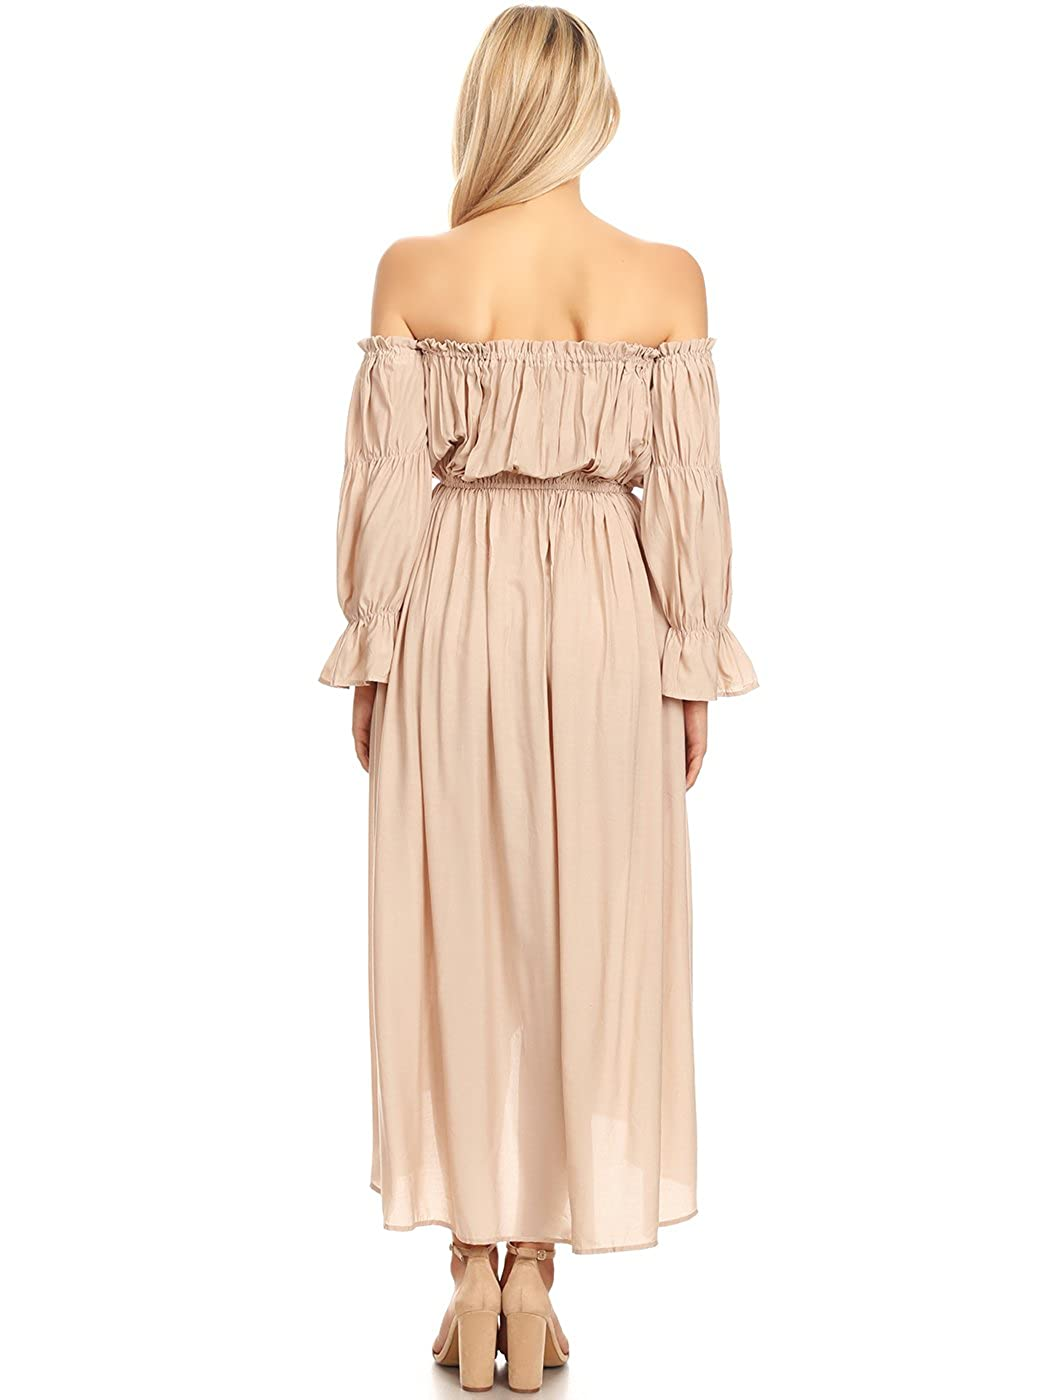 Amazon.com: Anna-Kaci vestido de campesino de manga larga ...